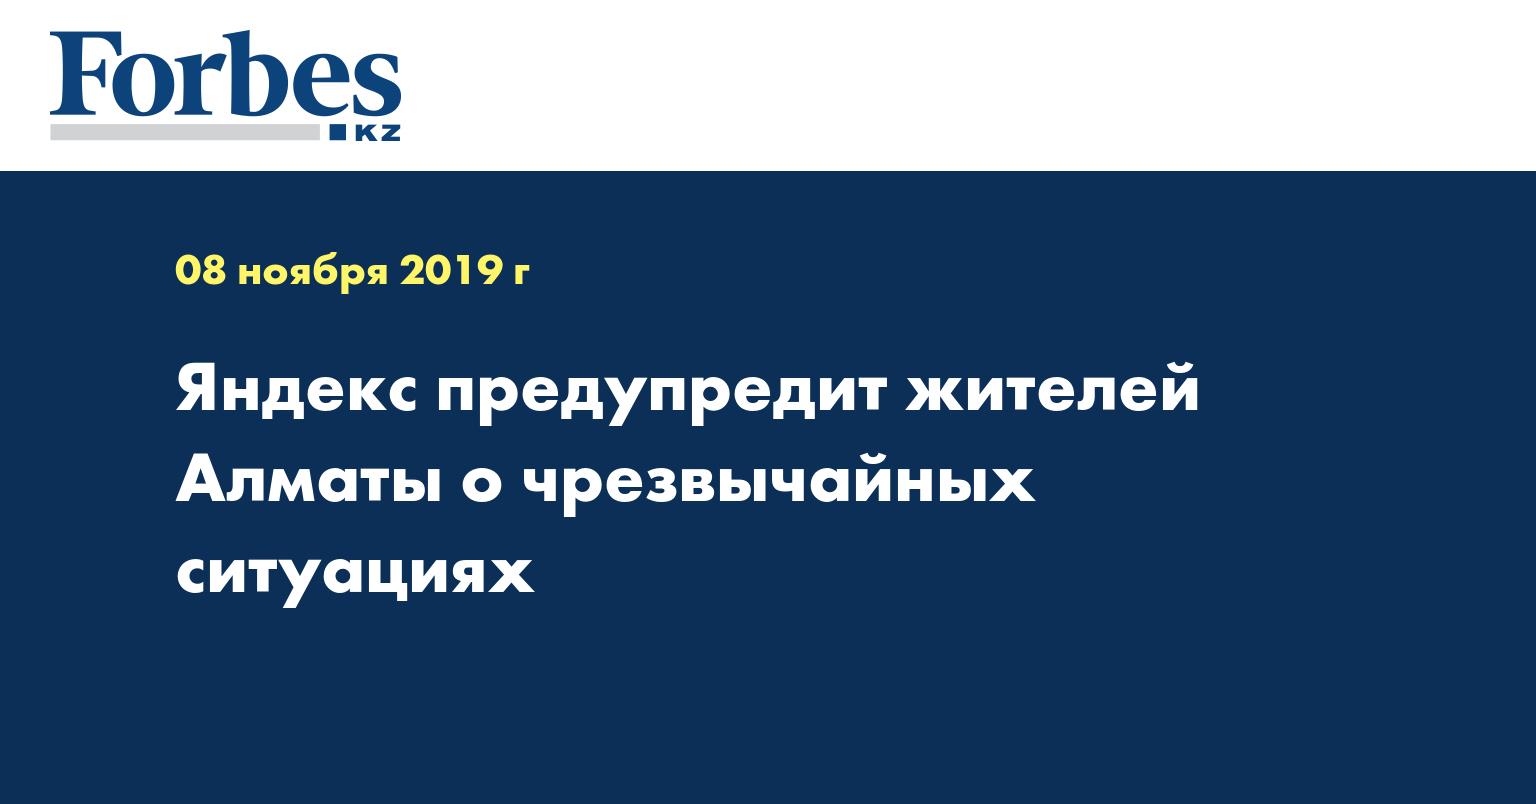 Яндекс предупредит жителей Алматы о чрезвычайных ситуациях